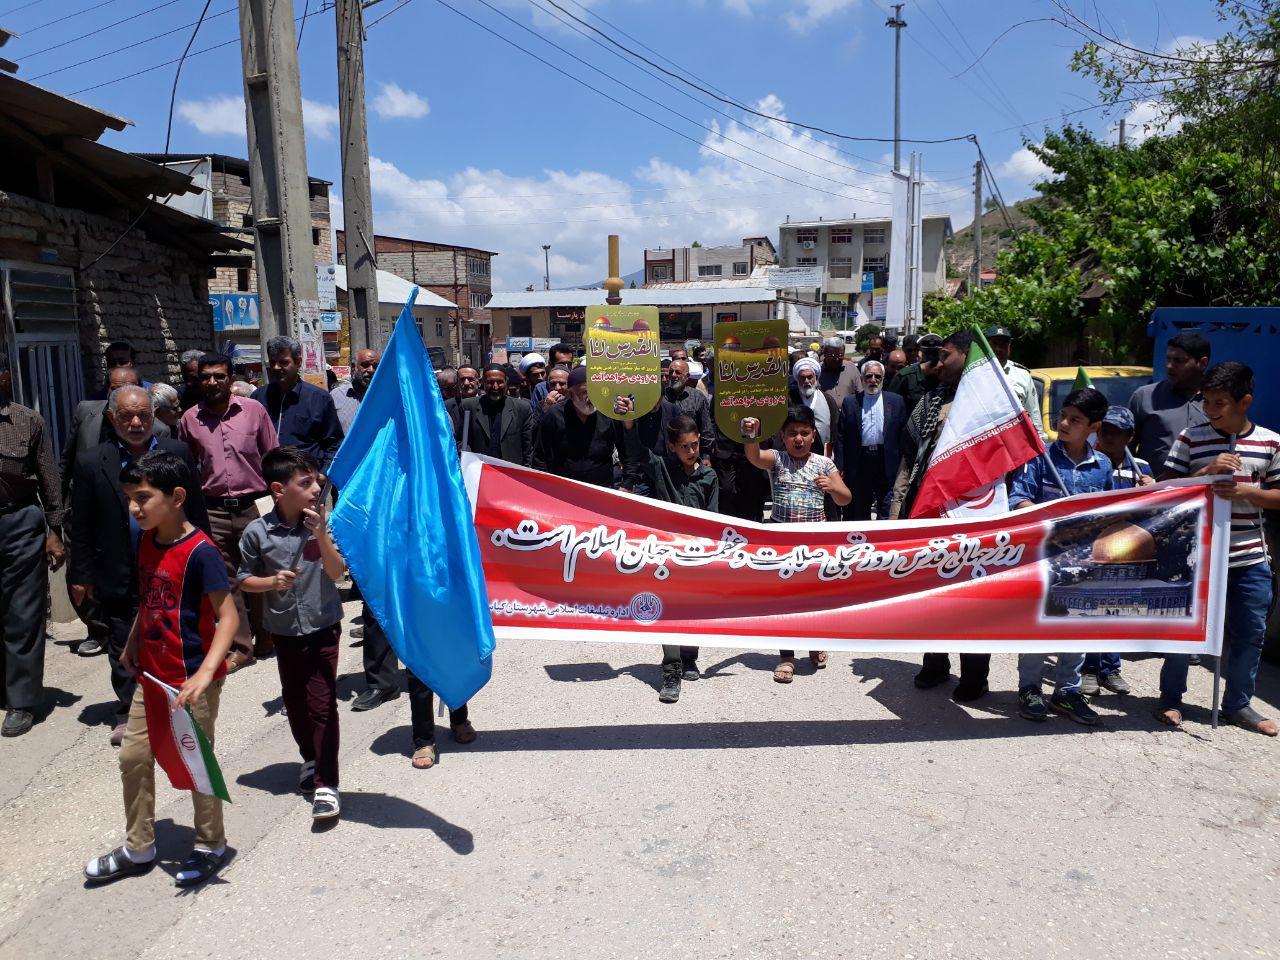 خروش مردم ولایتمدار بخش چهاردانگه در حمایت از قبله اول مسلمین+تصاویر